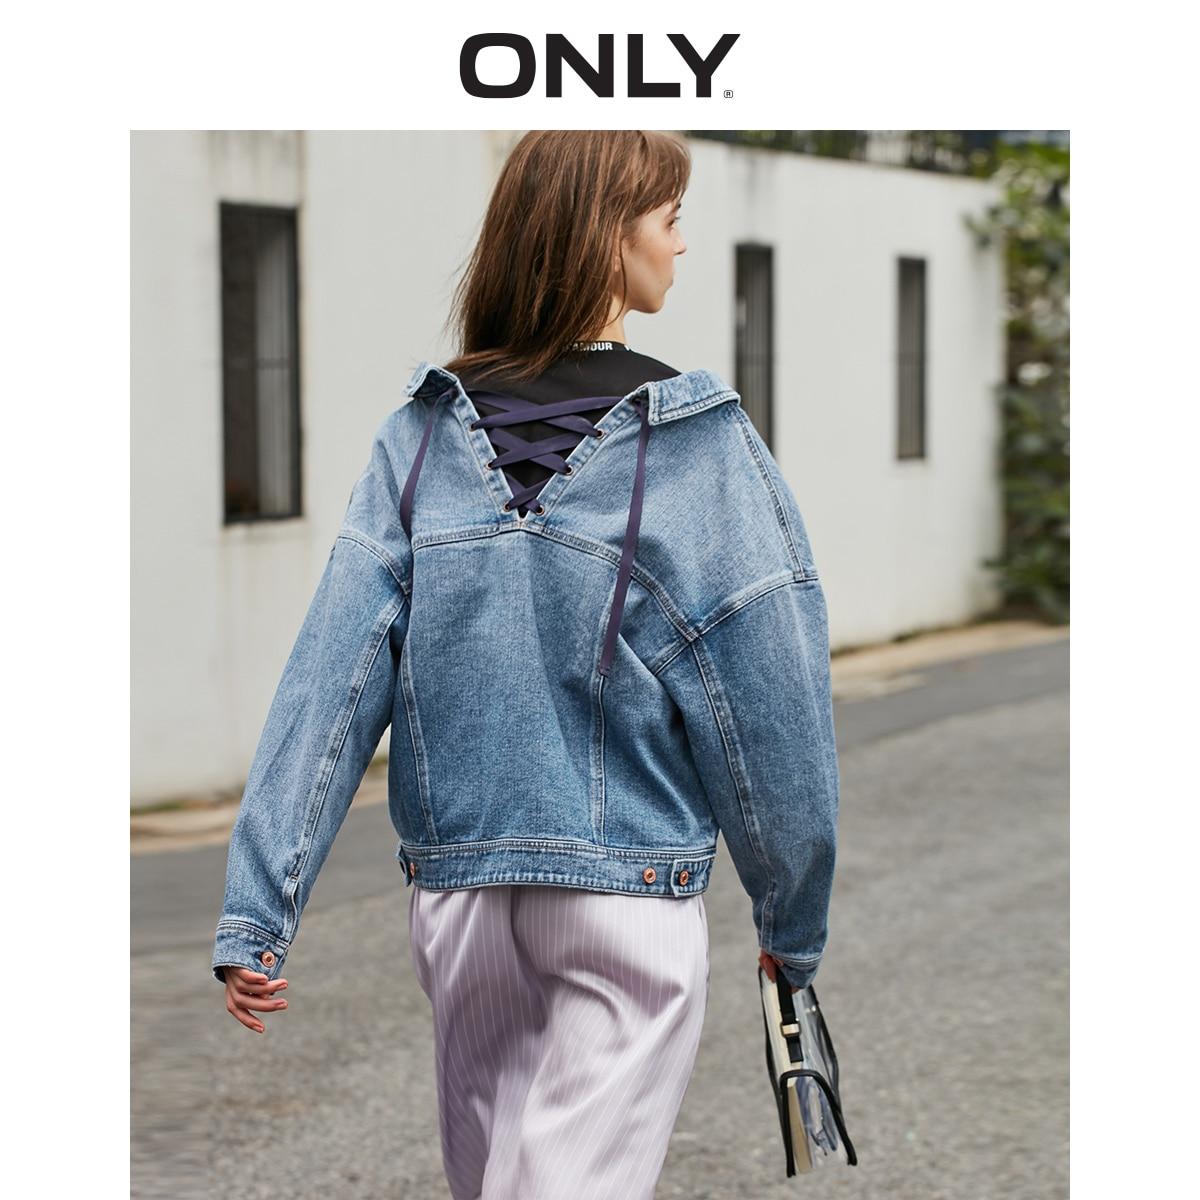 Kadın Giyim'ten Siper'de Sadece 2019 İlkbahar yaz yeni kadın gevşek Fit dantel up Denim ceket  119154528'da  Grup 1